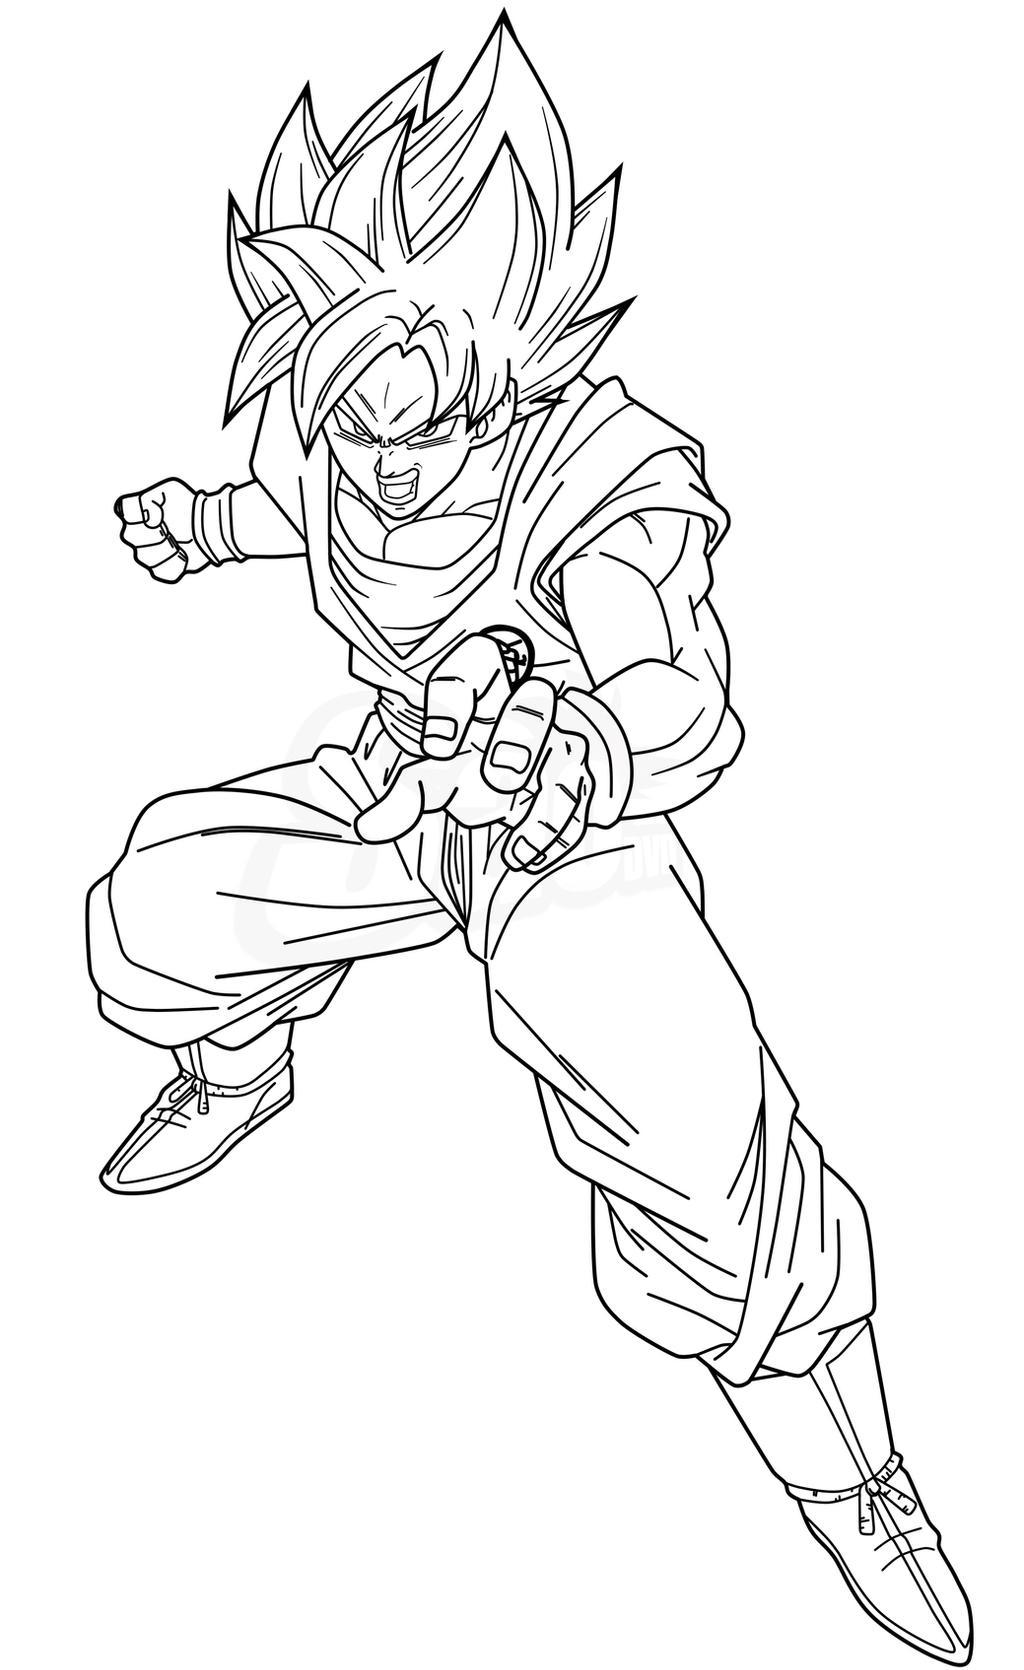 Goku SSJB - Lineart by SaoDVD on DeviantArt